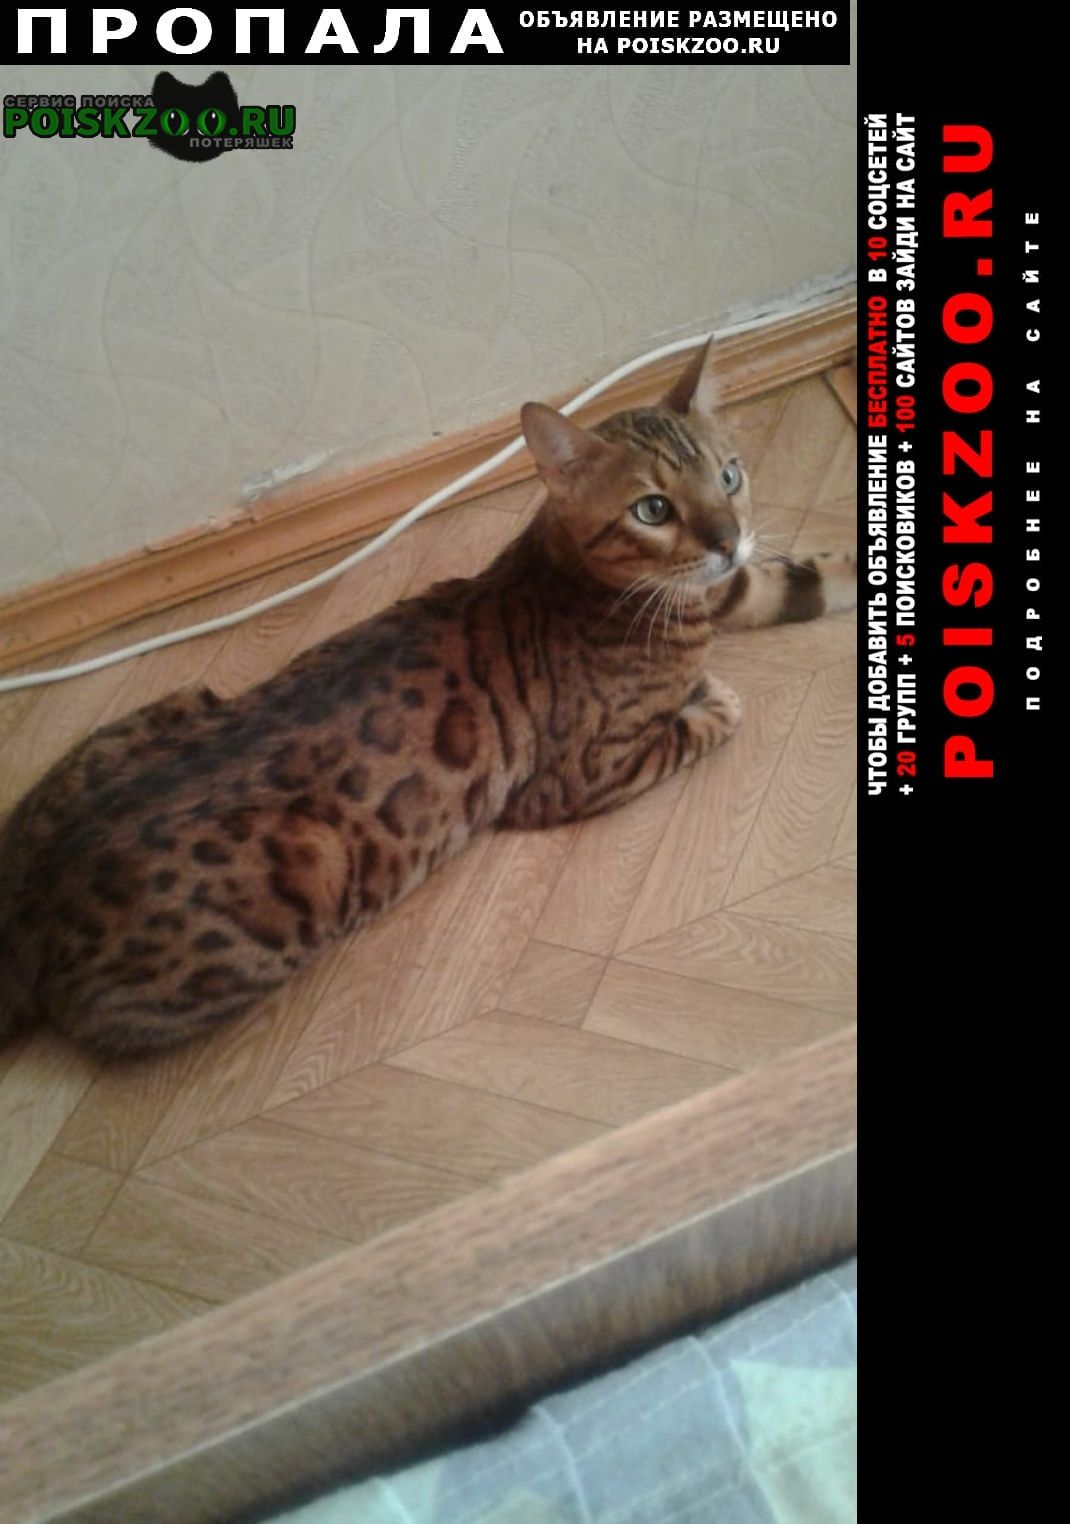 Альметьевск Пропал кот бенгалькой породы